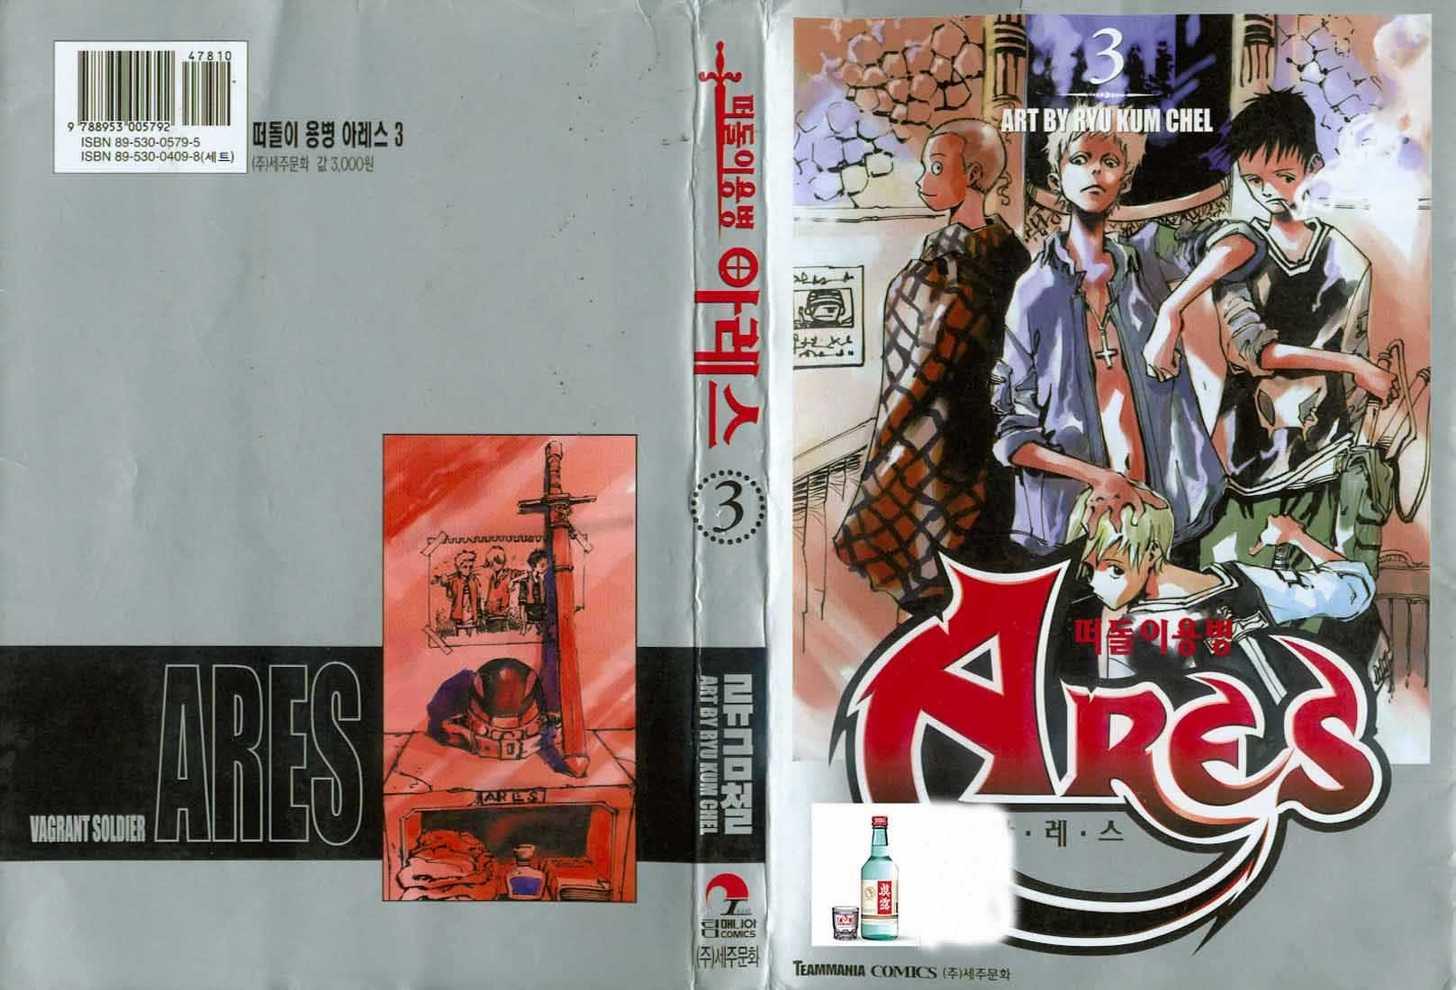 Ares 19 at MangaFox.la